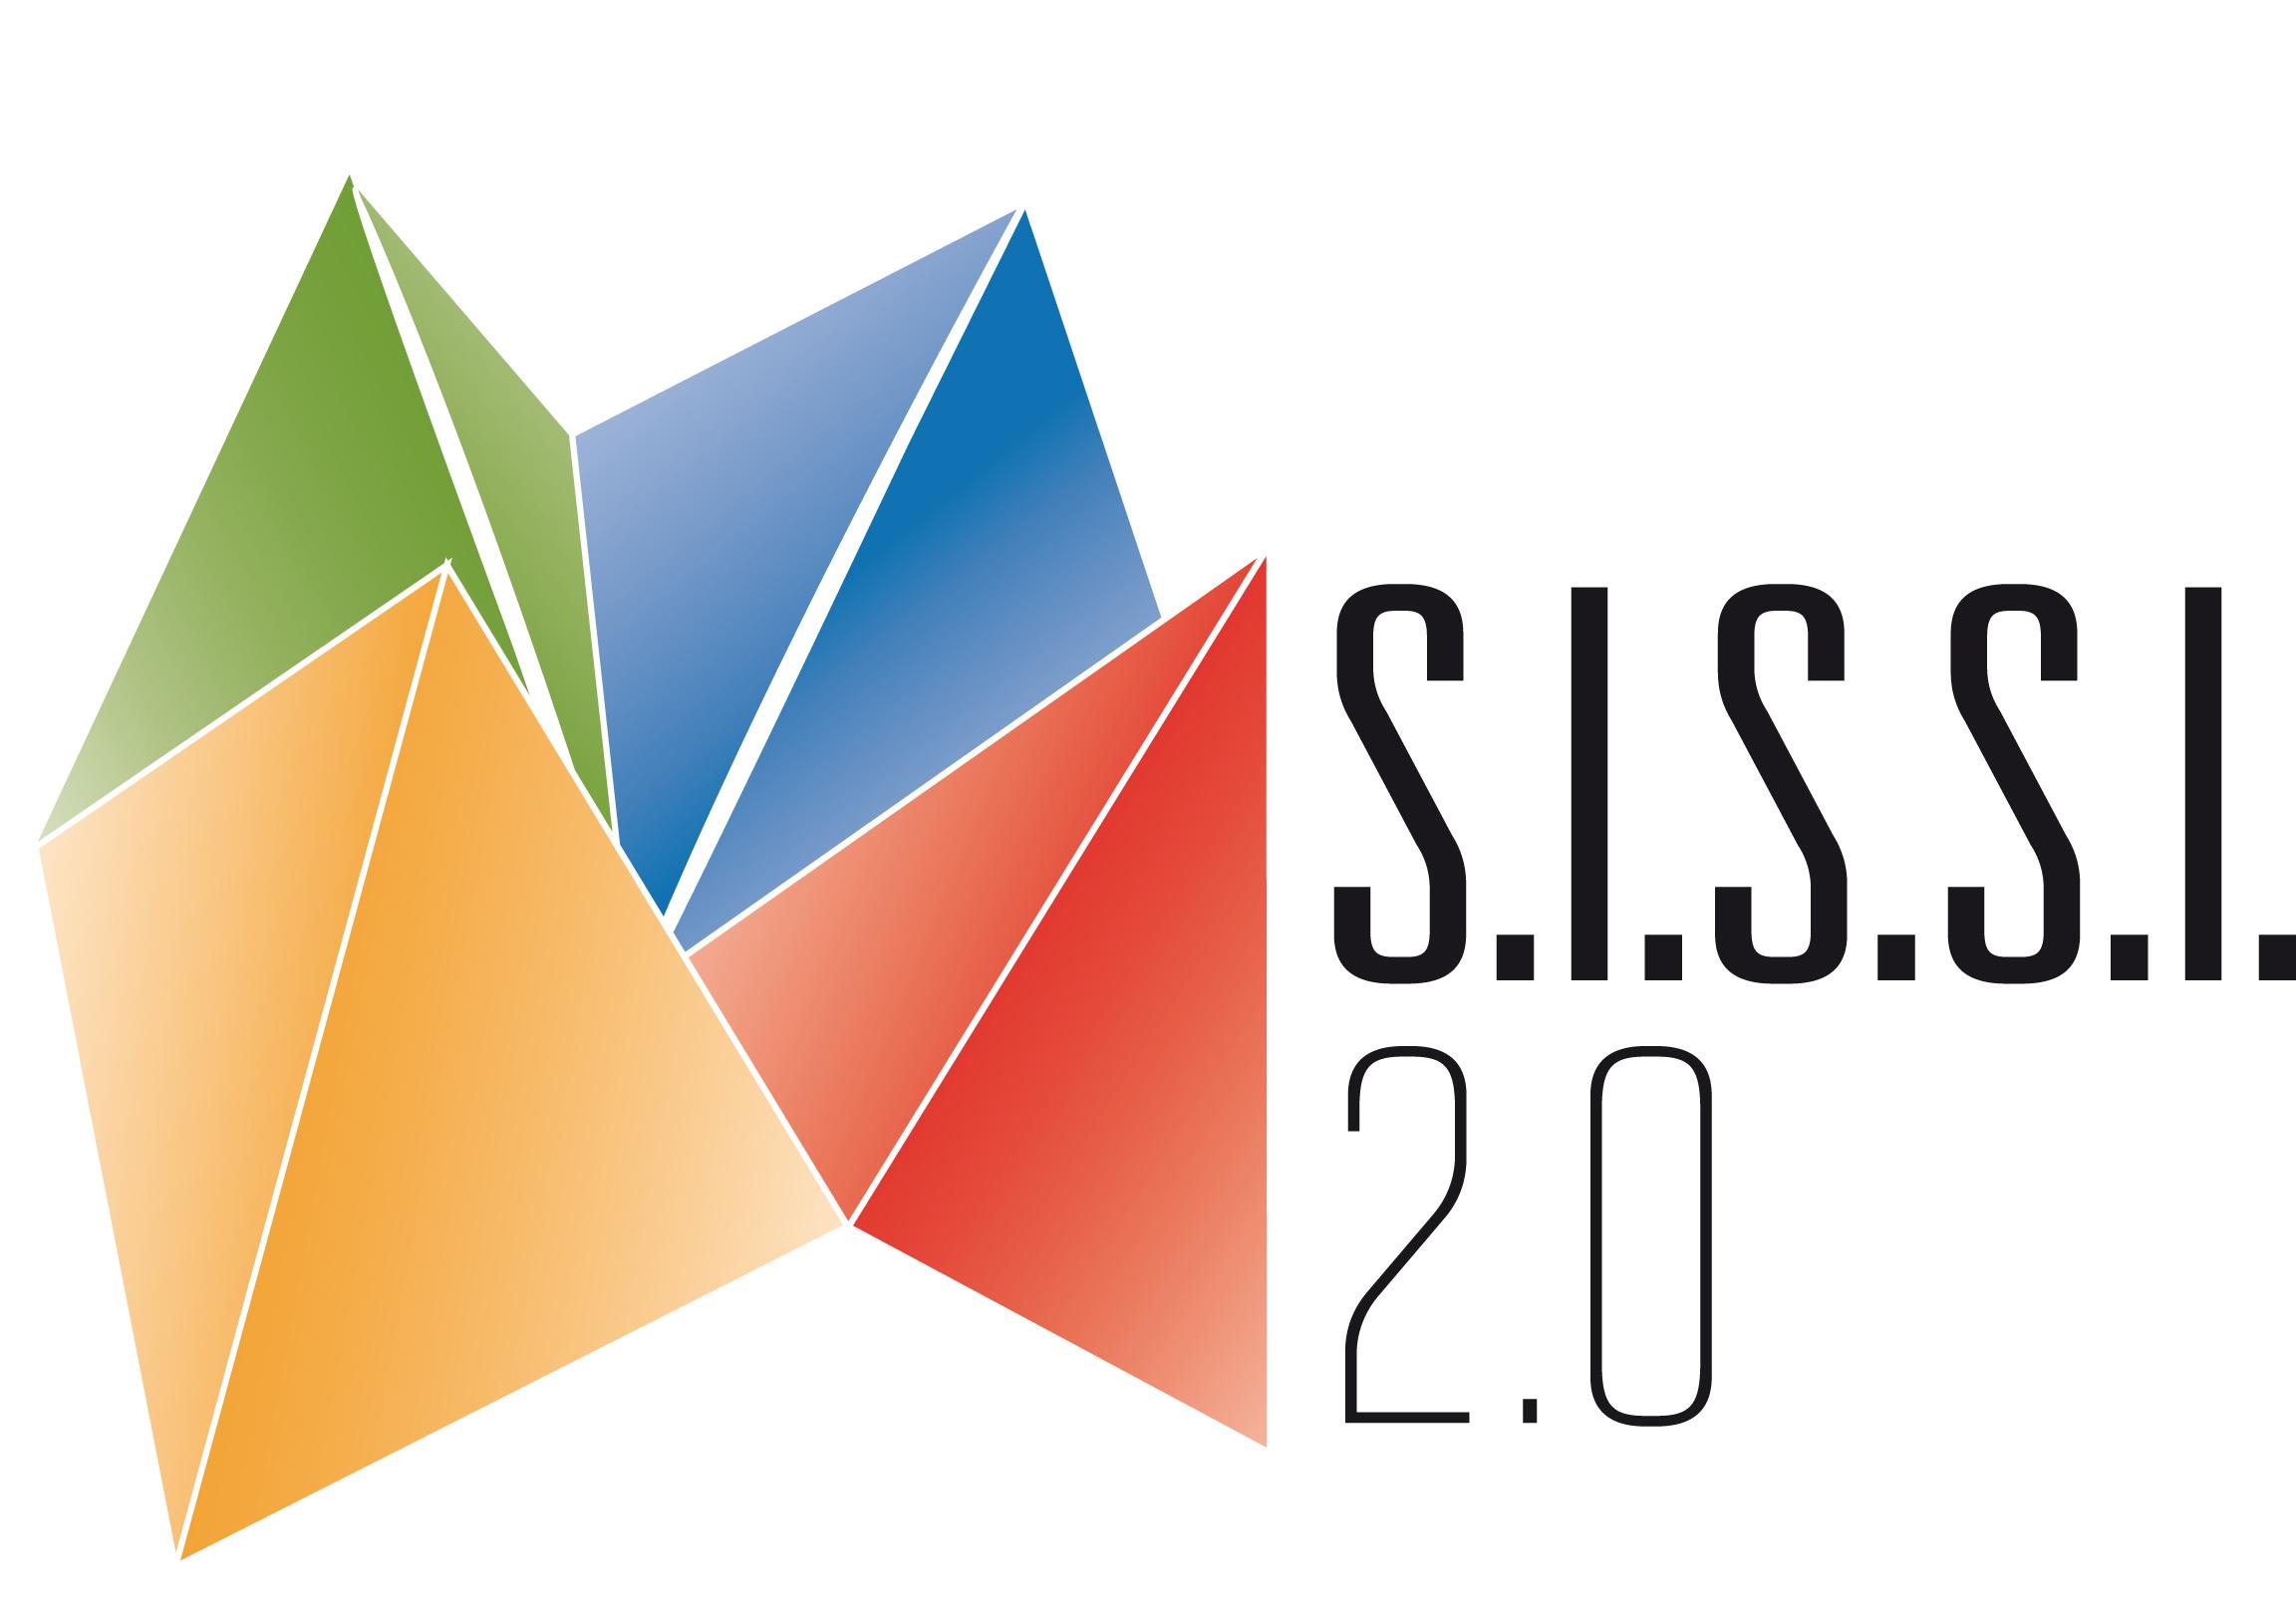 SISSI_G